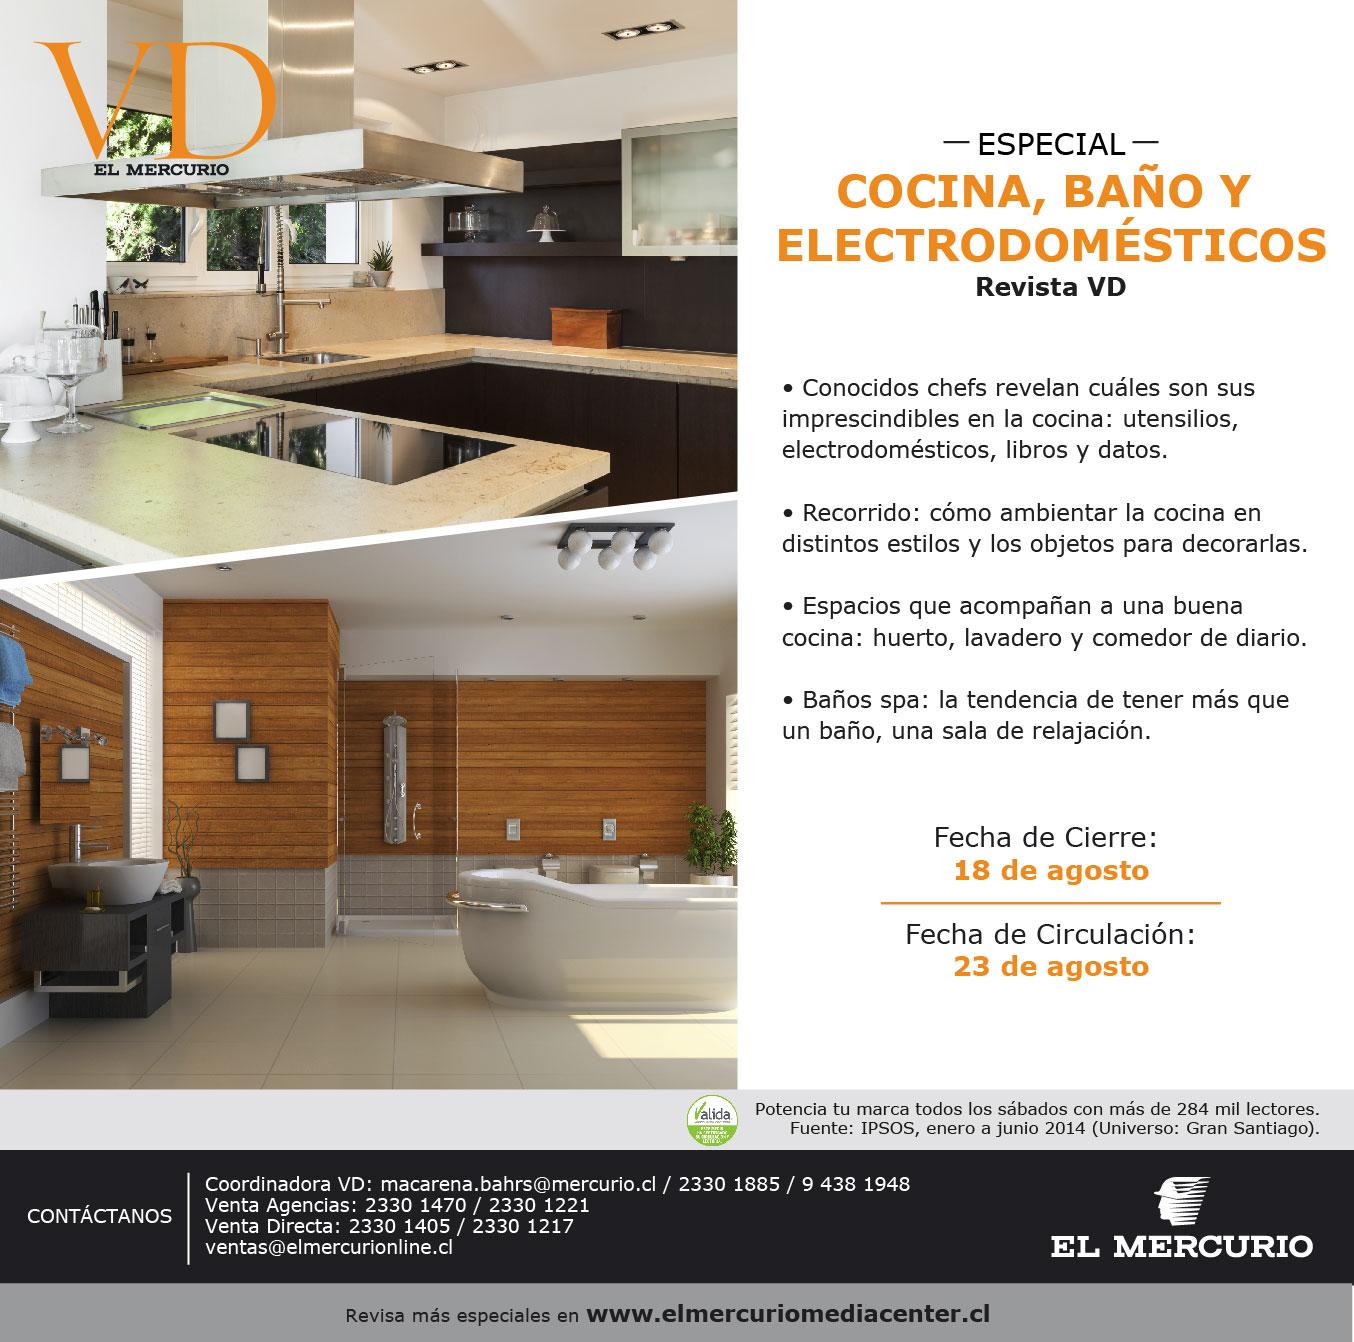 Especial Cocina, Baño y Electrodomésticos Revista VD - El Mercurio ...